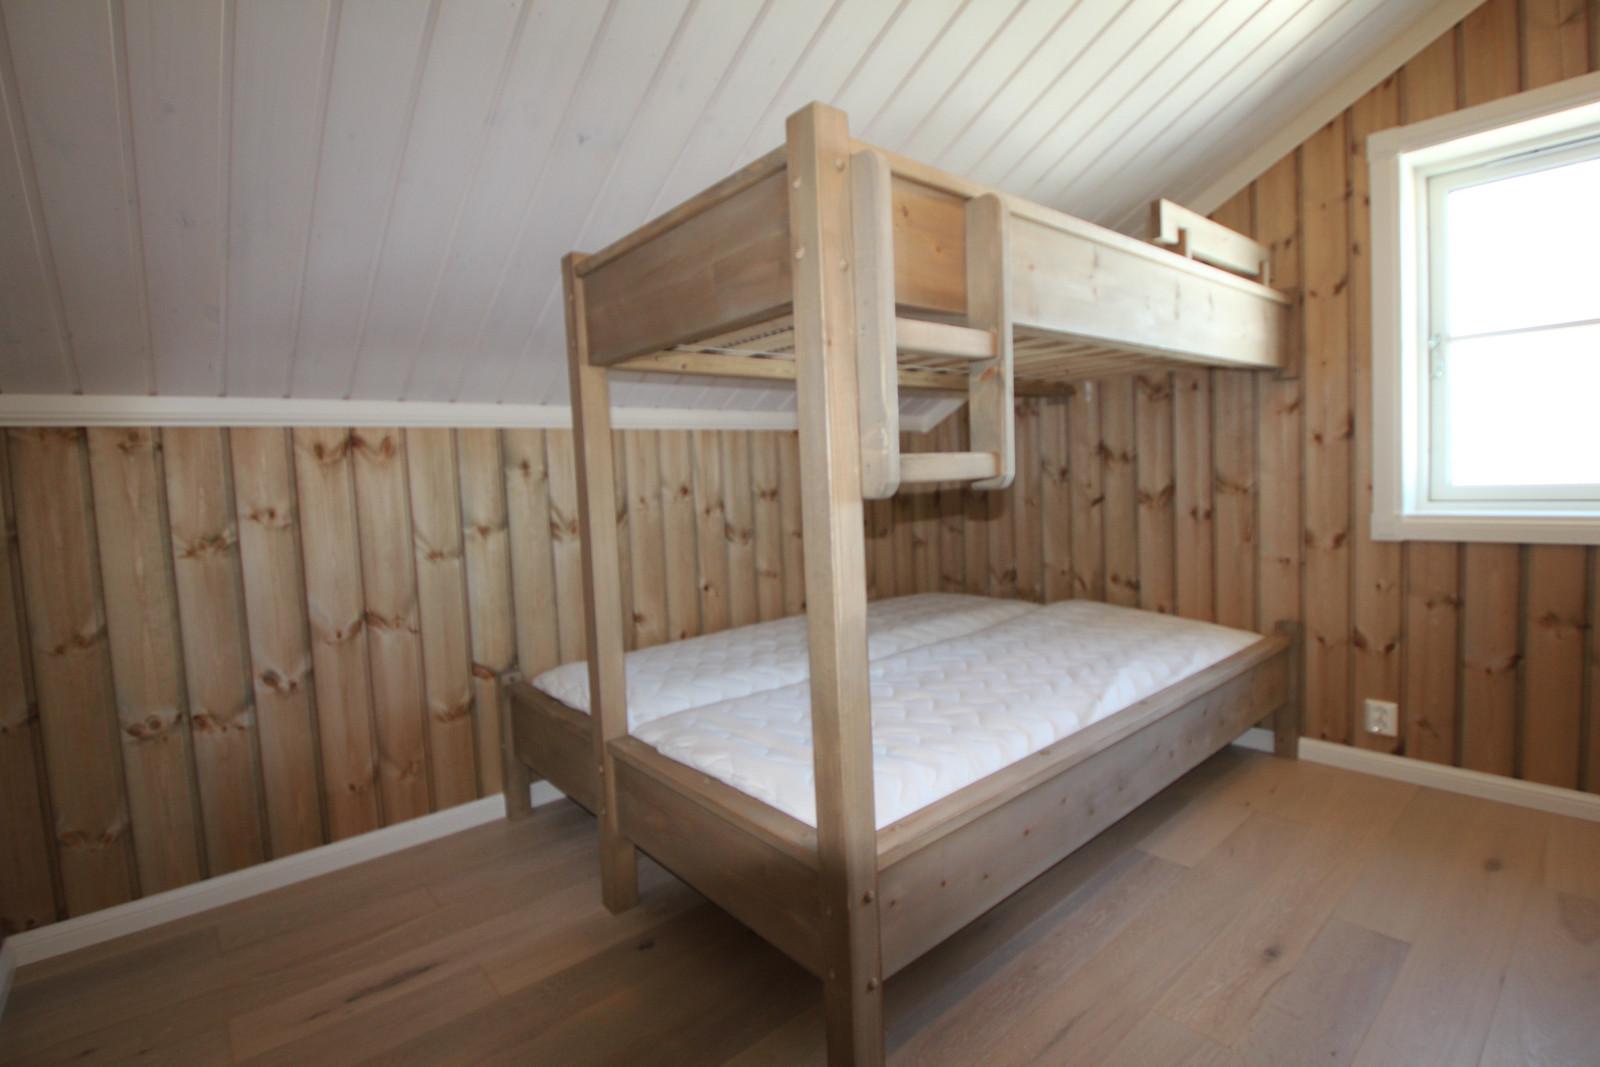 Sov 2. i andre etasje. Plass bygget senger, til valg.